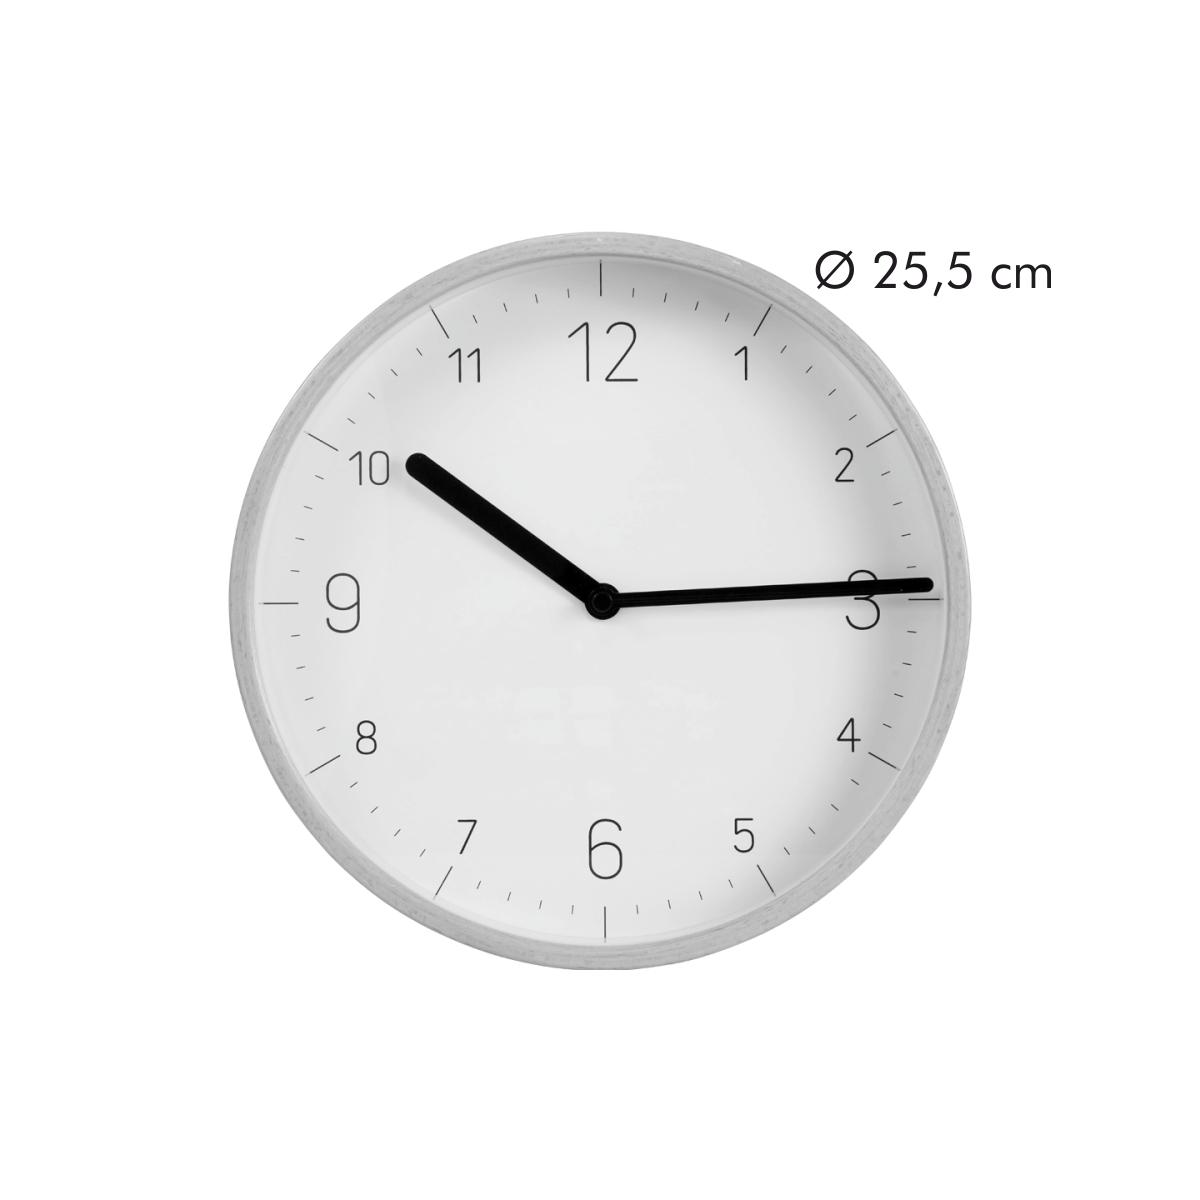 Nástěnné hodiny FANCY HOME, dřevo, bílý ciferník